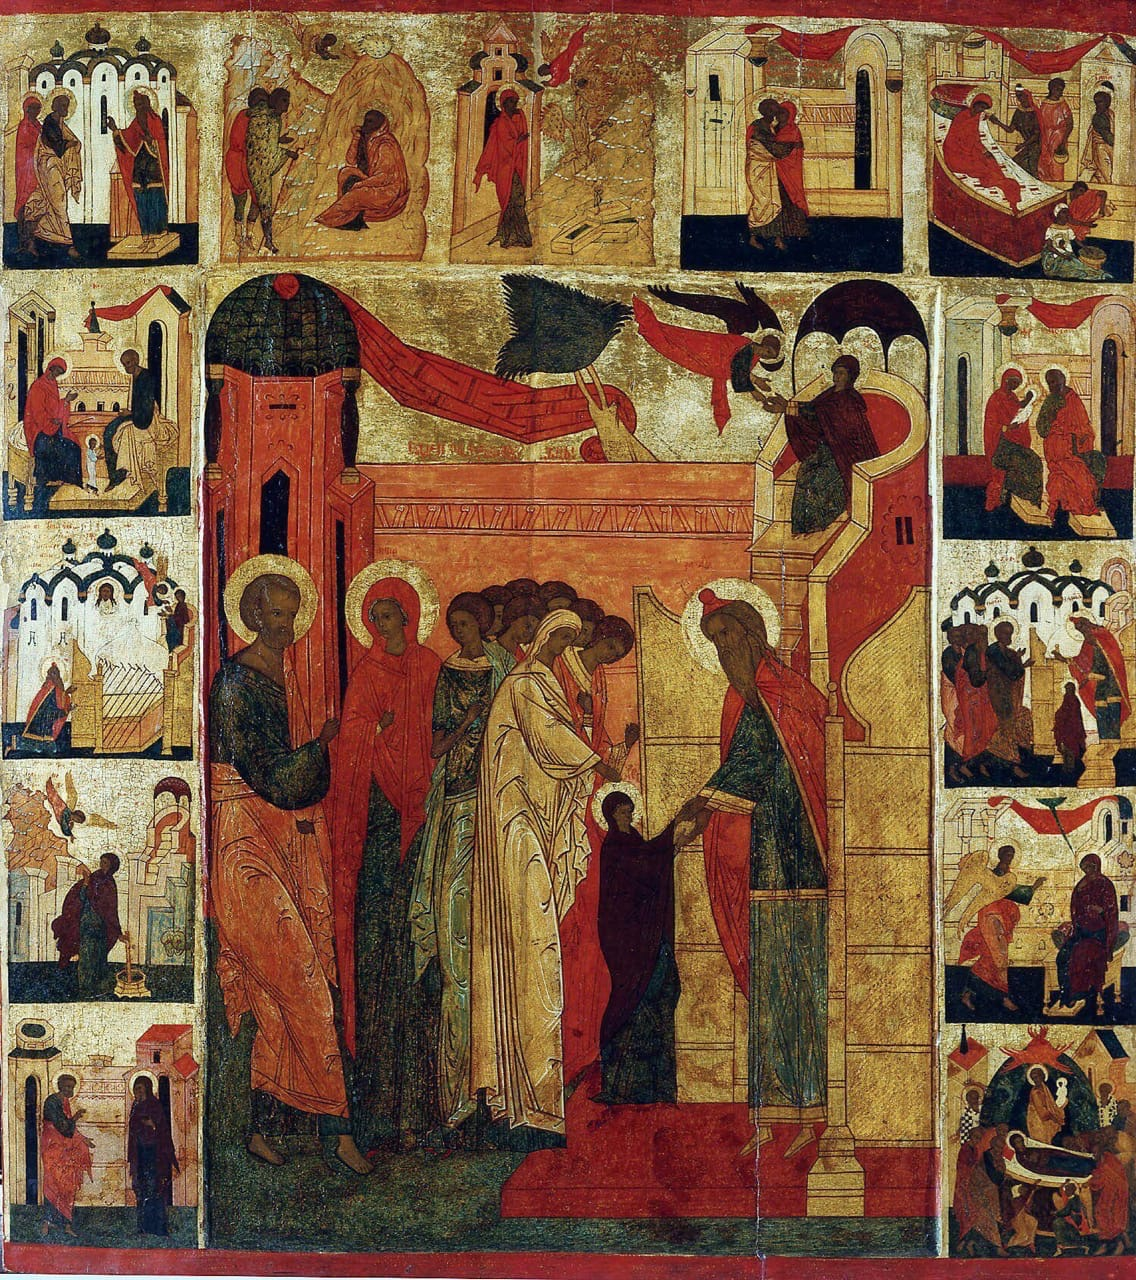 4 ДЕКАБРЯ - ВВЕДЕНИЕ ВО ХРАМ ПРЕСВЯТЫЯ БОГОРОДИЦЫ ПРИСНОДЕВЫ МАРИИ